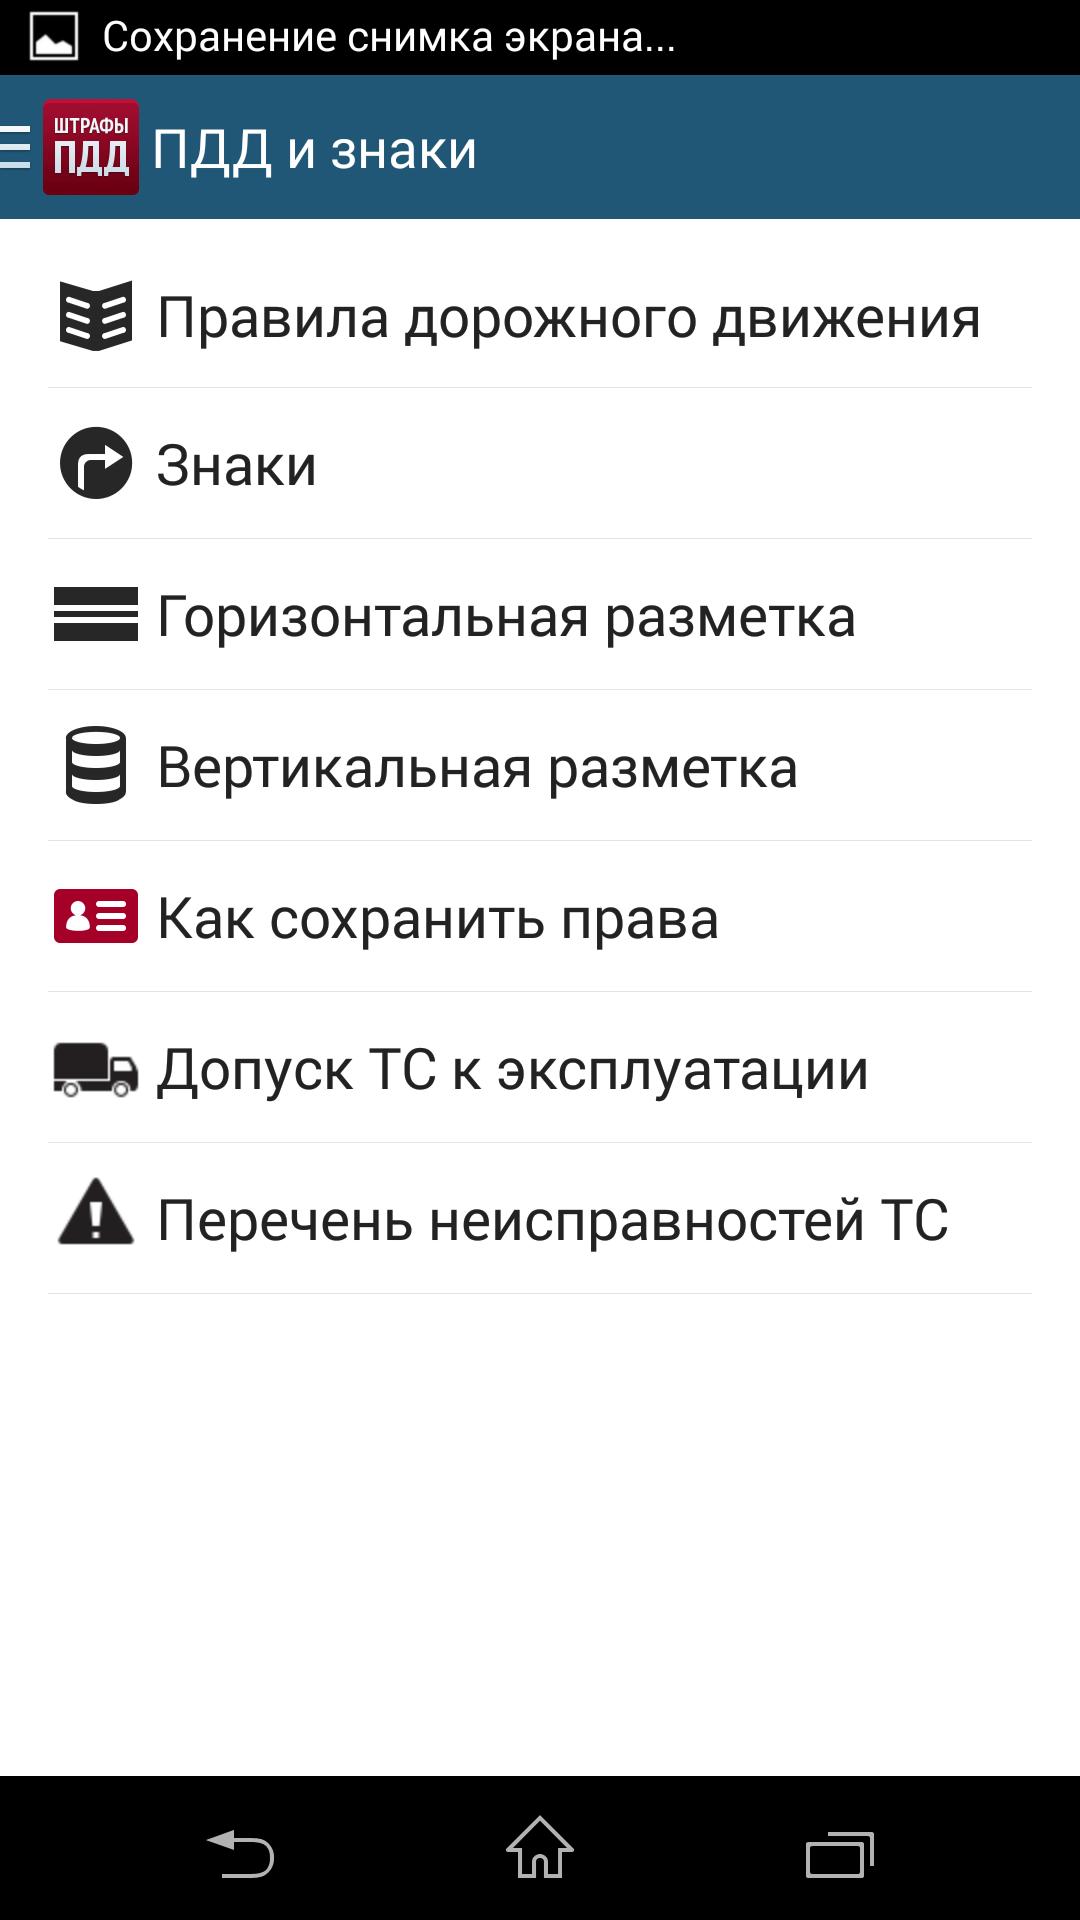 Правила и знаки - Штрафы ПДД 2014 для Android